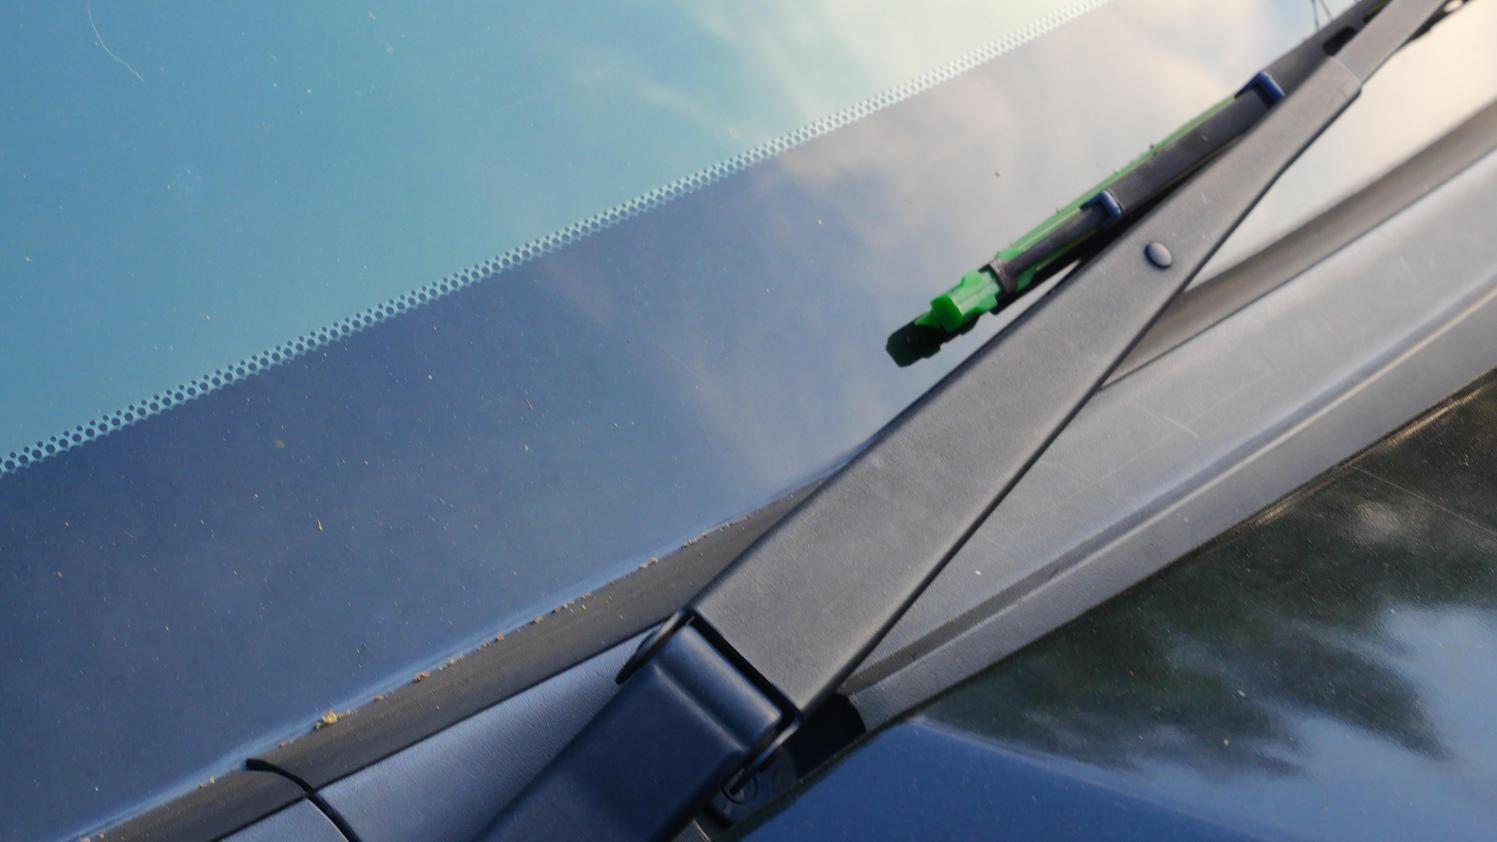 Welche Funktion haben die schwarzen Punkte und der schwarze Rand auf der Windschutzscheibe des Autos?